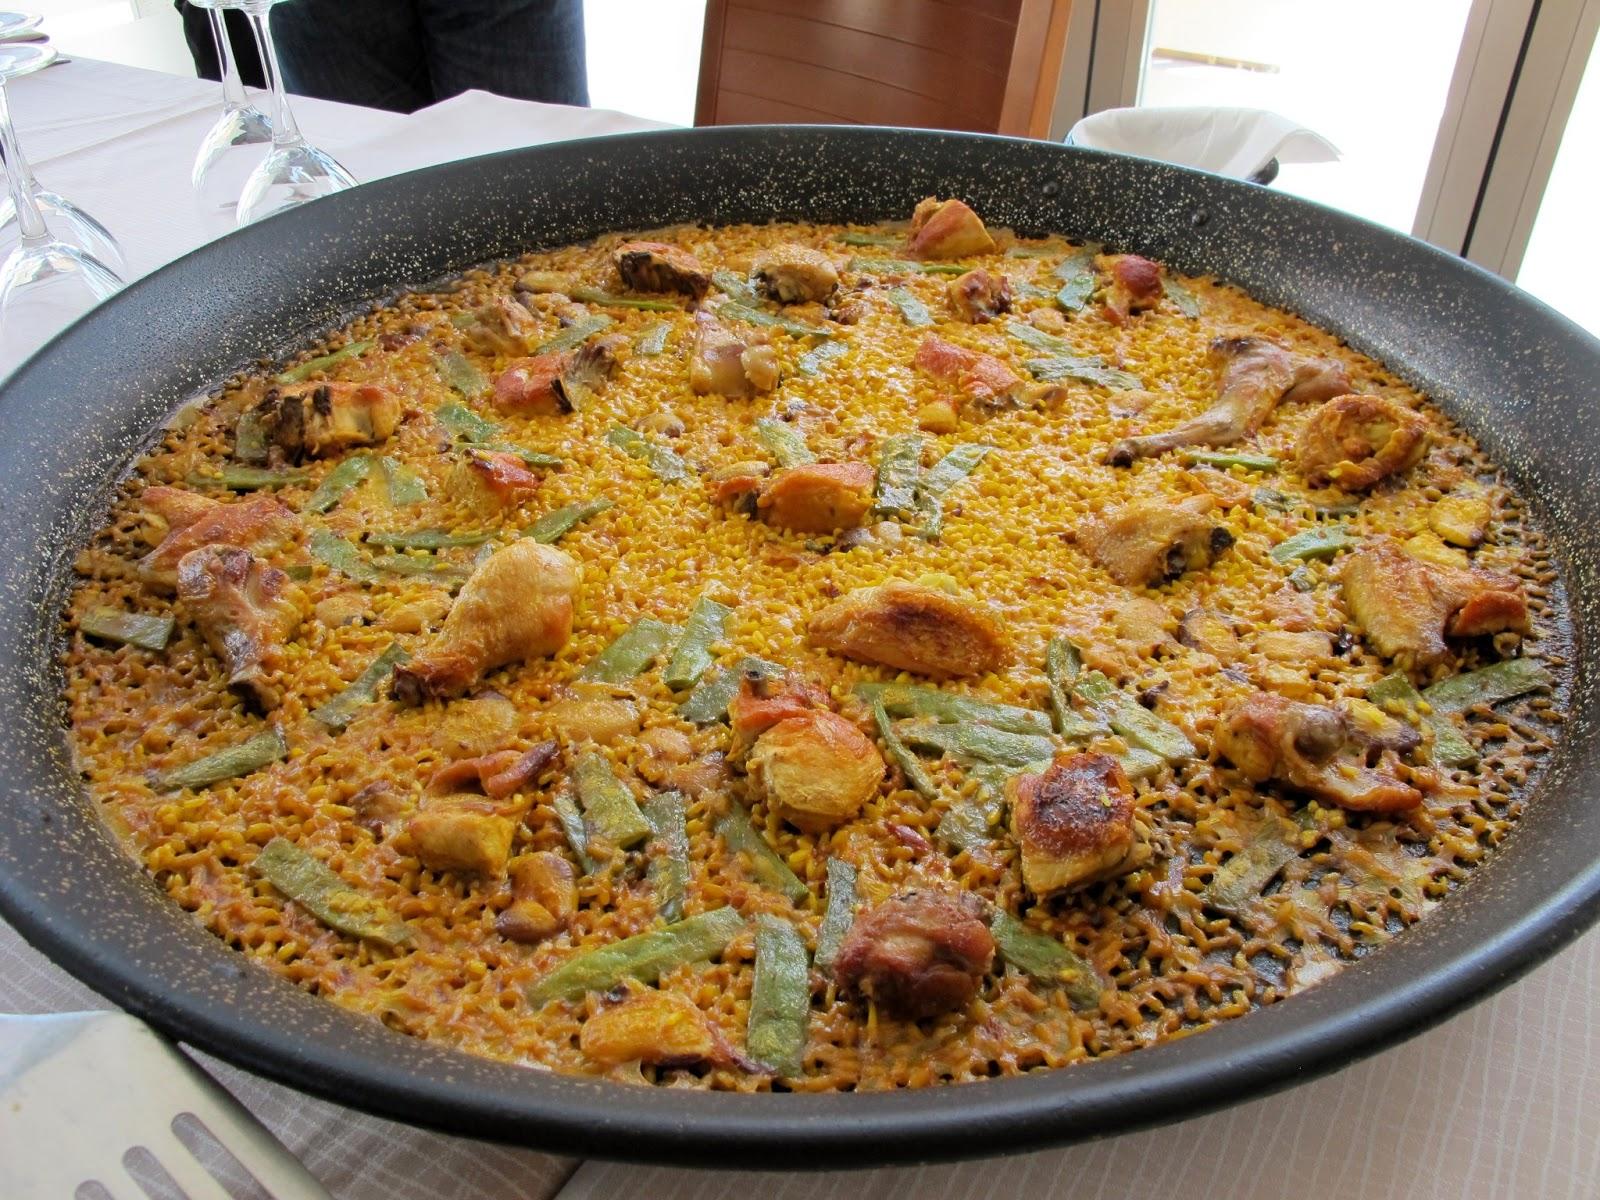 Garbancita c mo hacer una paella valenciana - Como cocinar paella ...